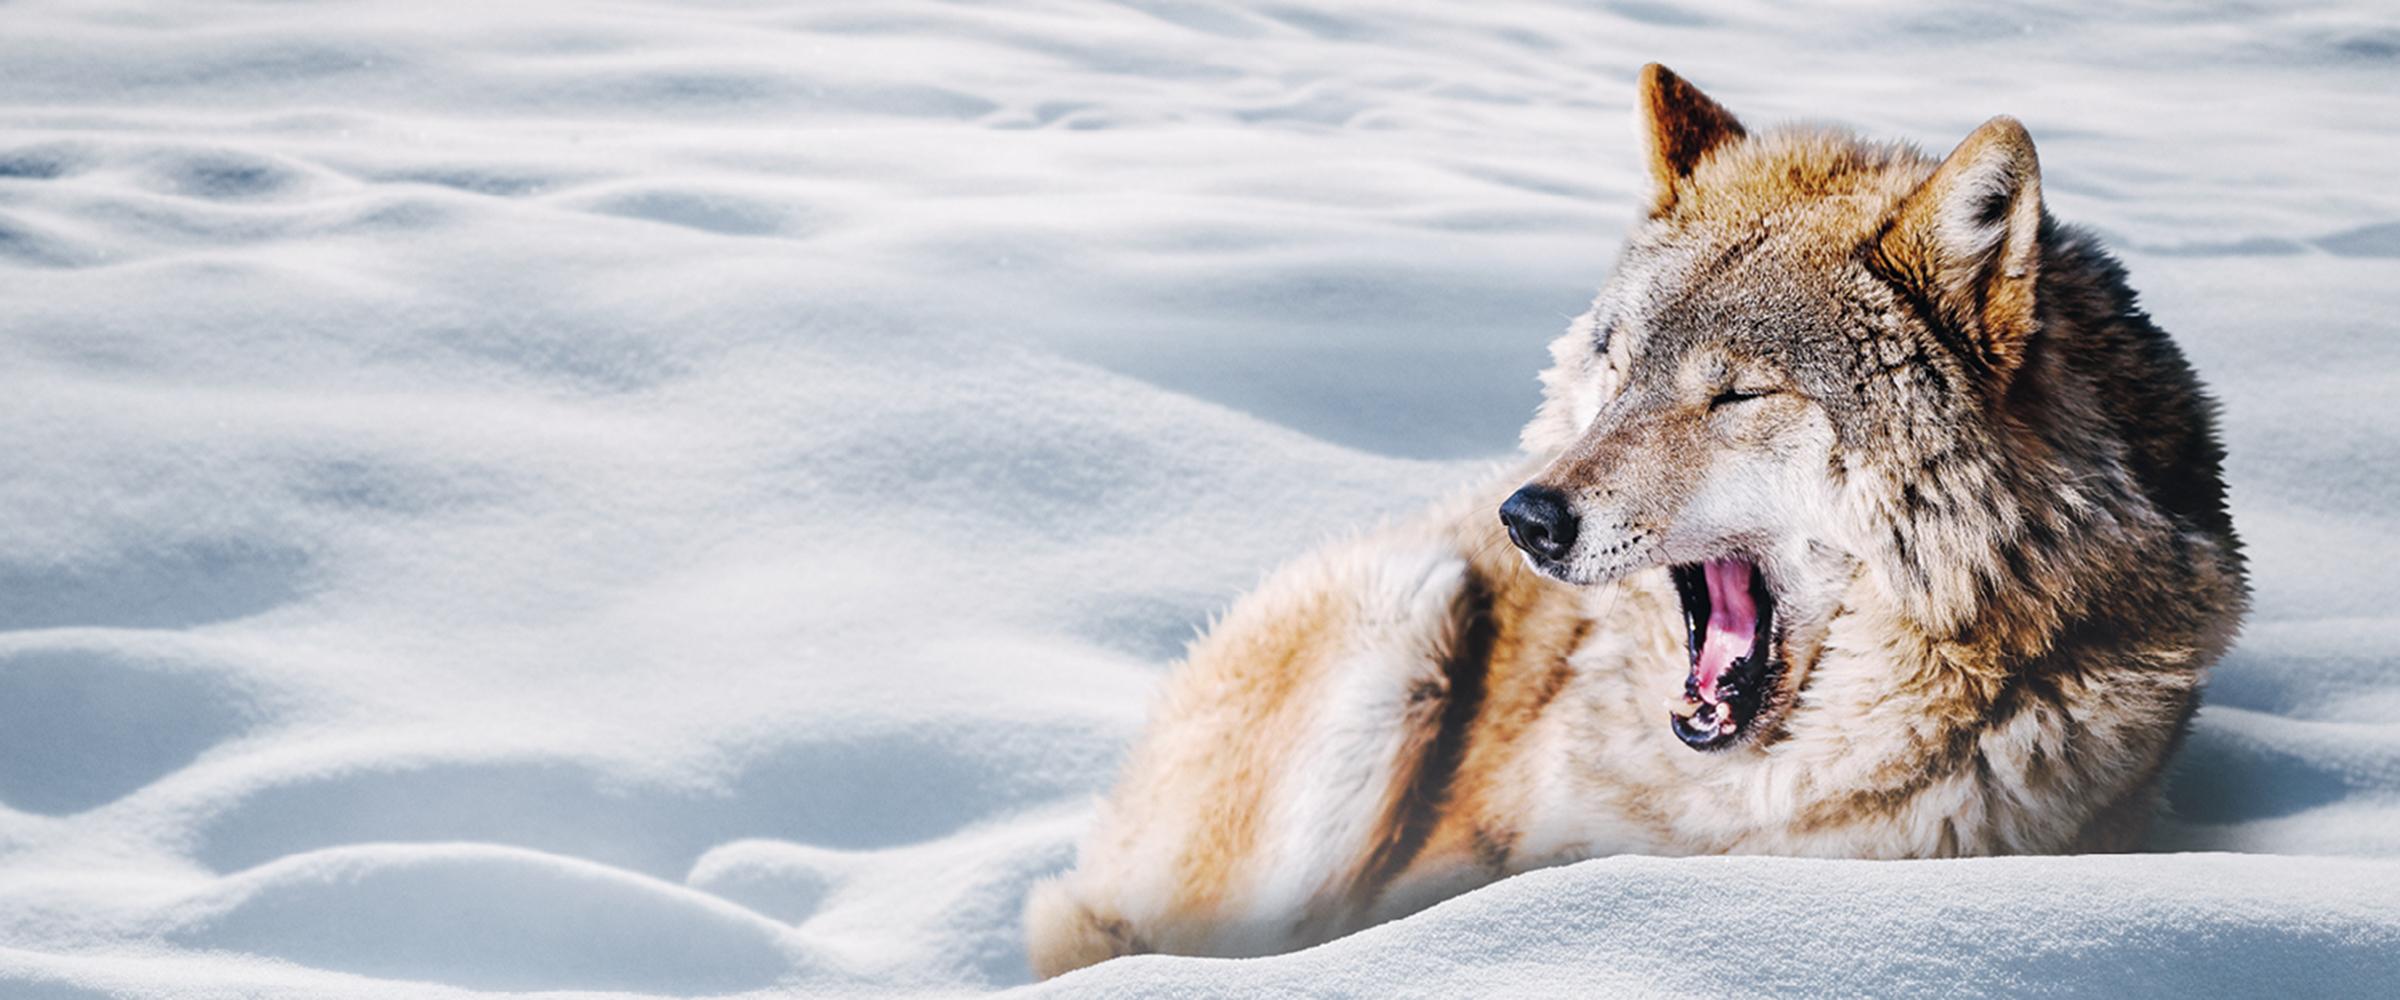 Wach im Winter - Wolf